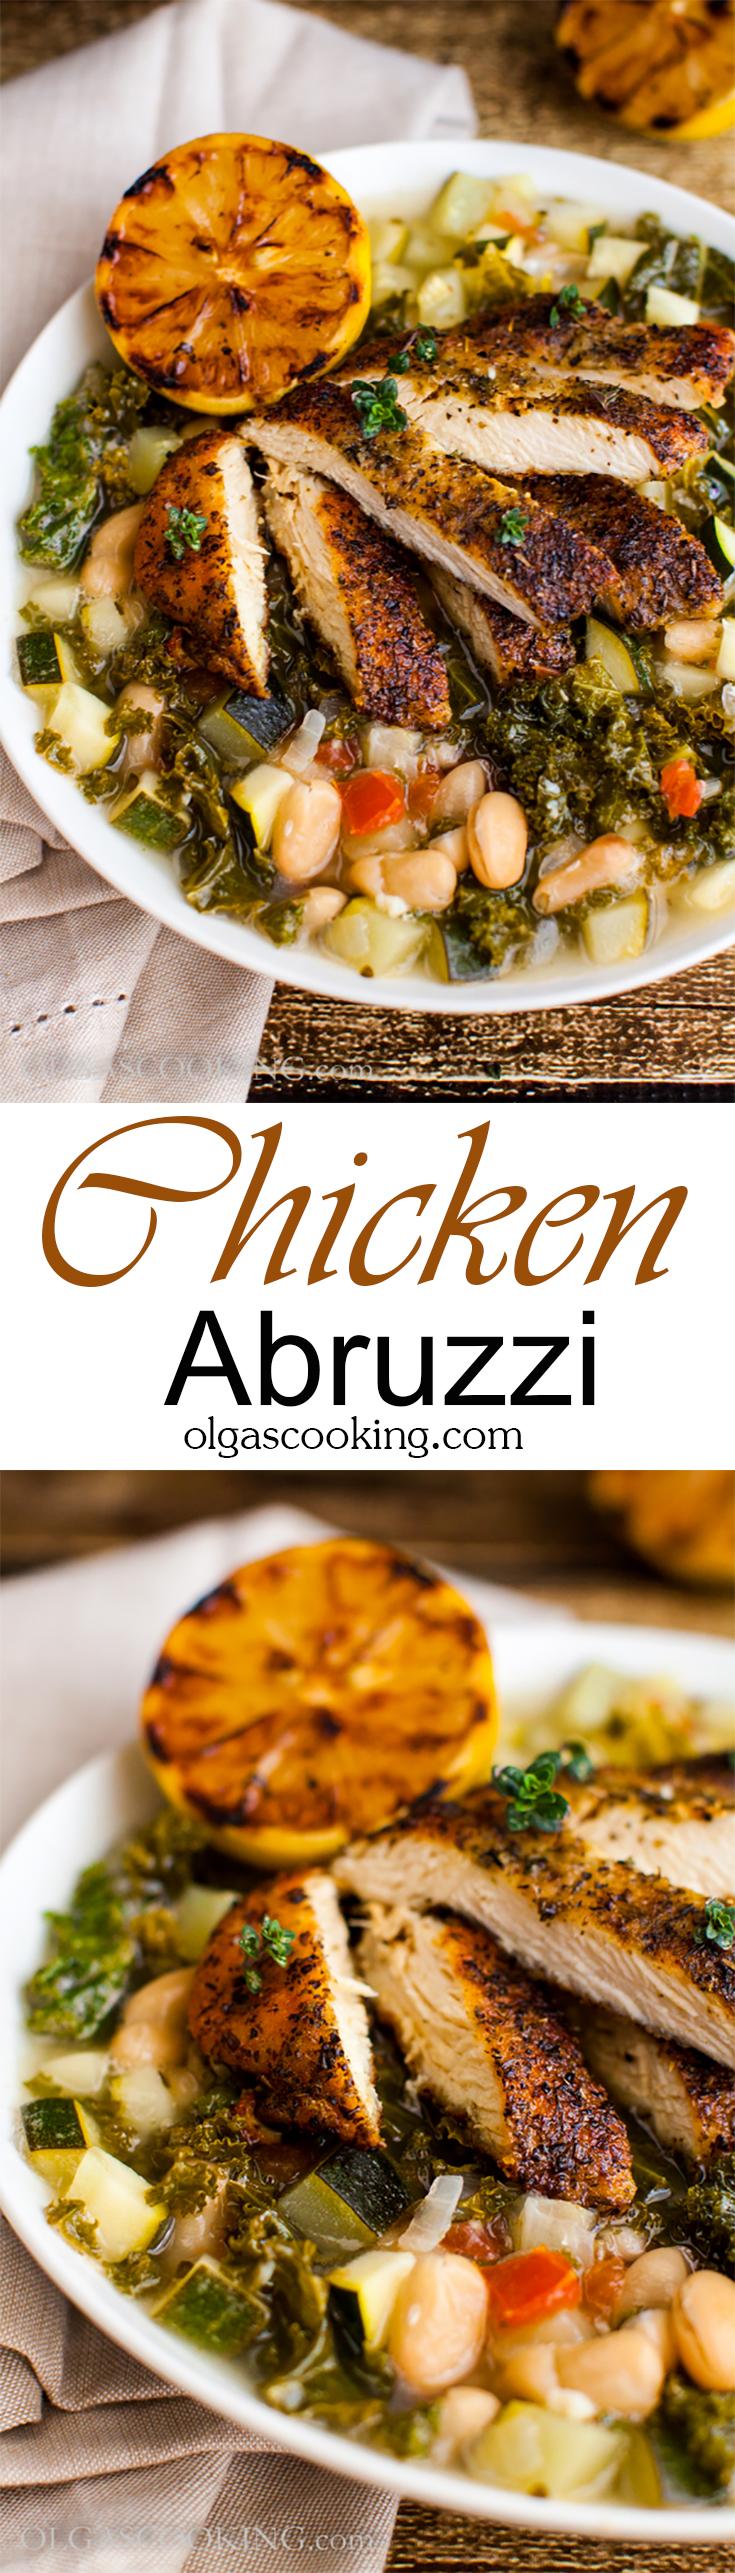 Chicken Abruzzi - Olgas Cooking